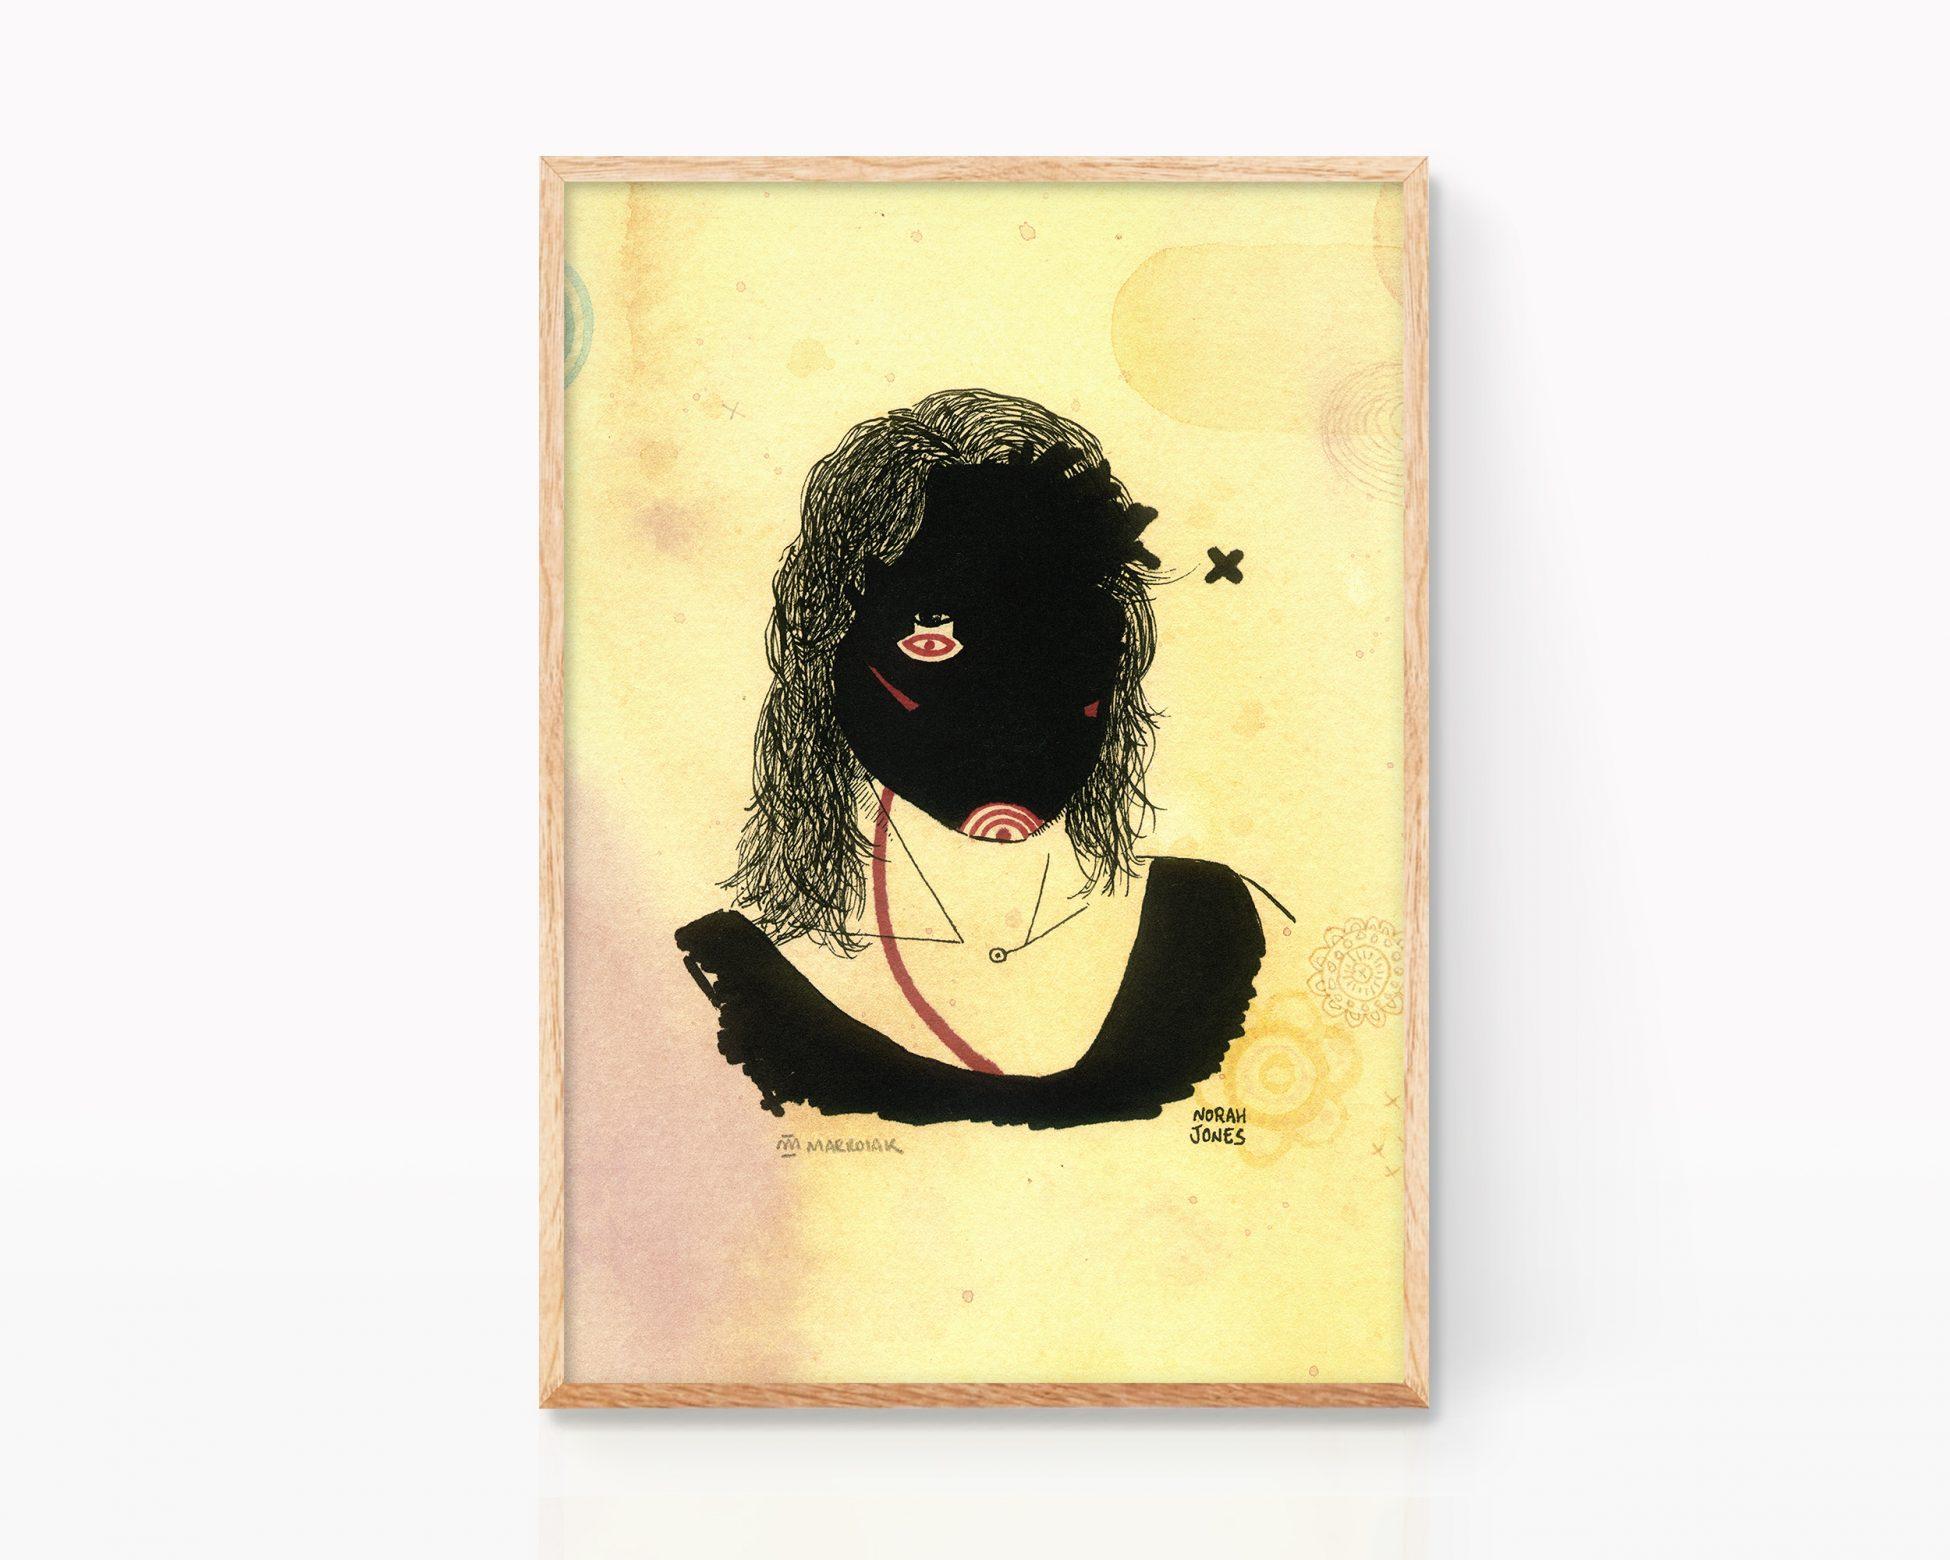 lámina de norah jones. retrato mujeres musico. ilustración